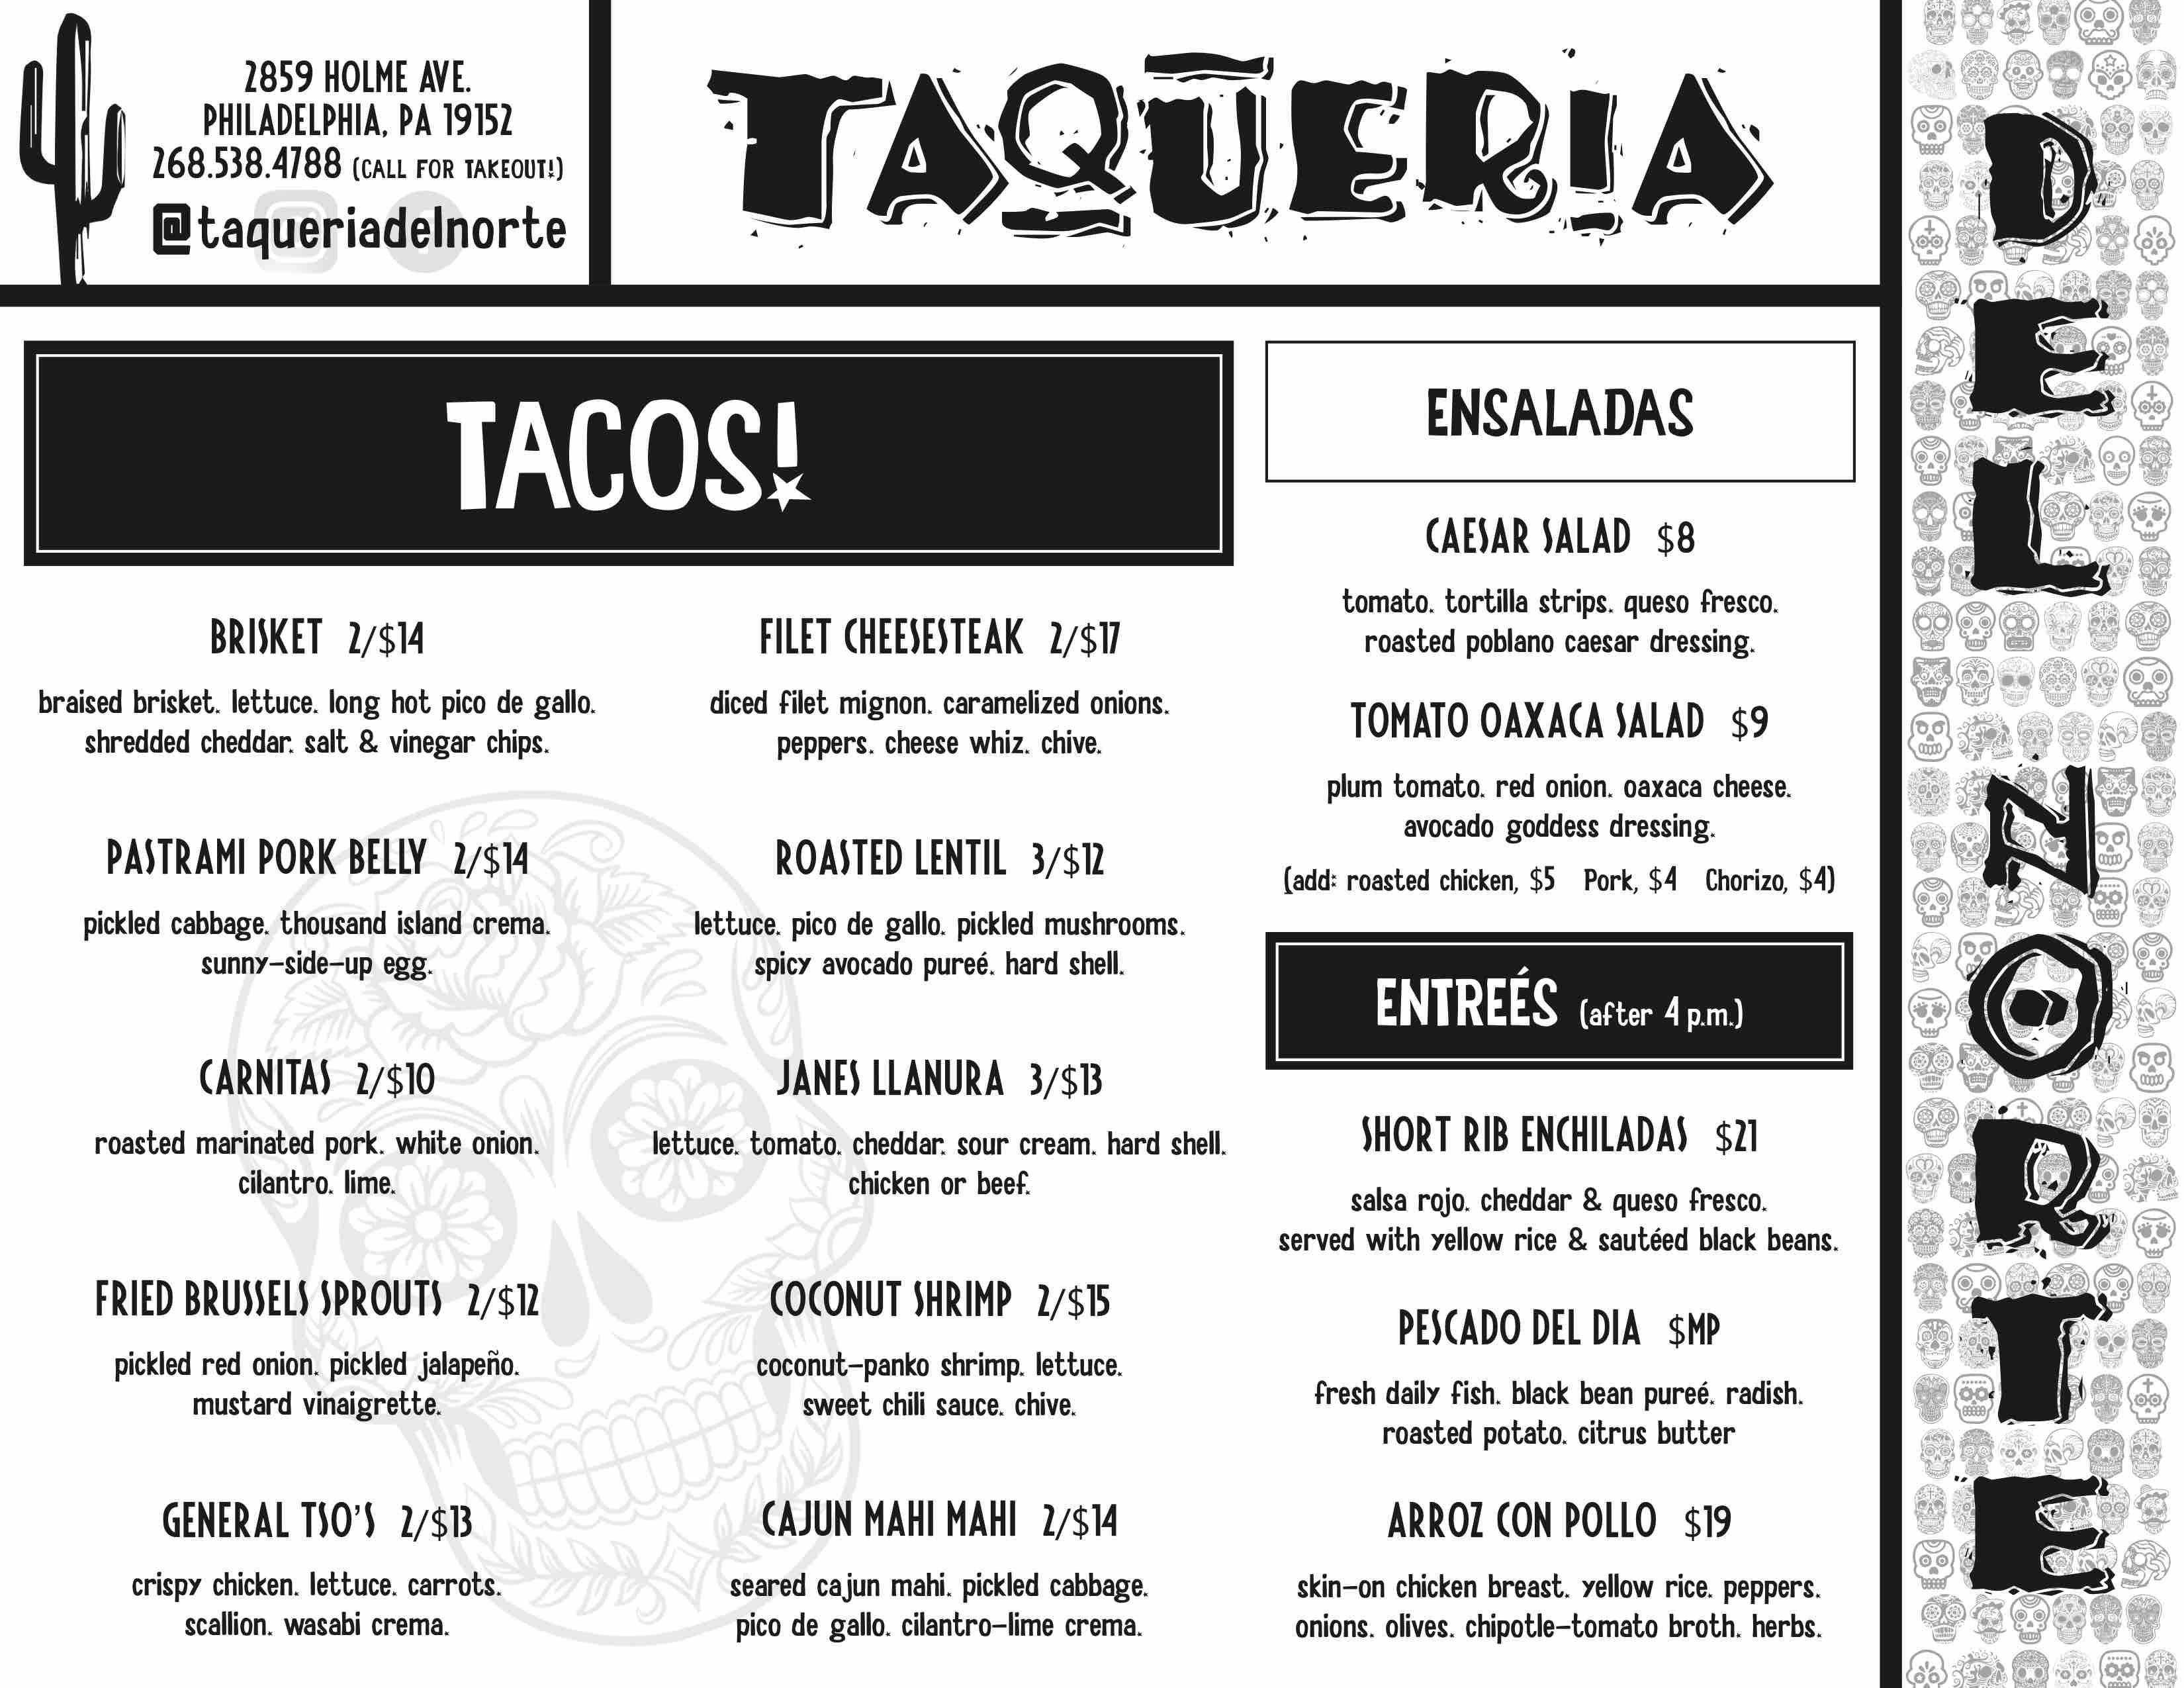 taqueria del norte northeast philadelphia menu tacos